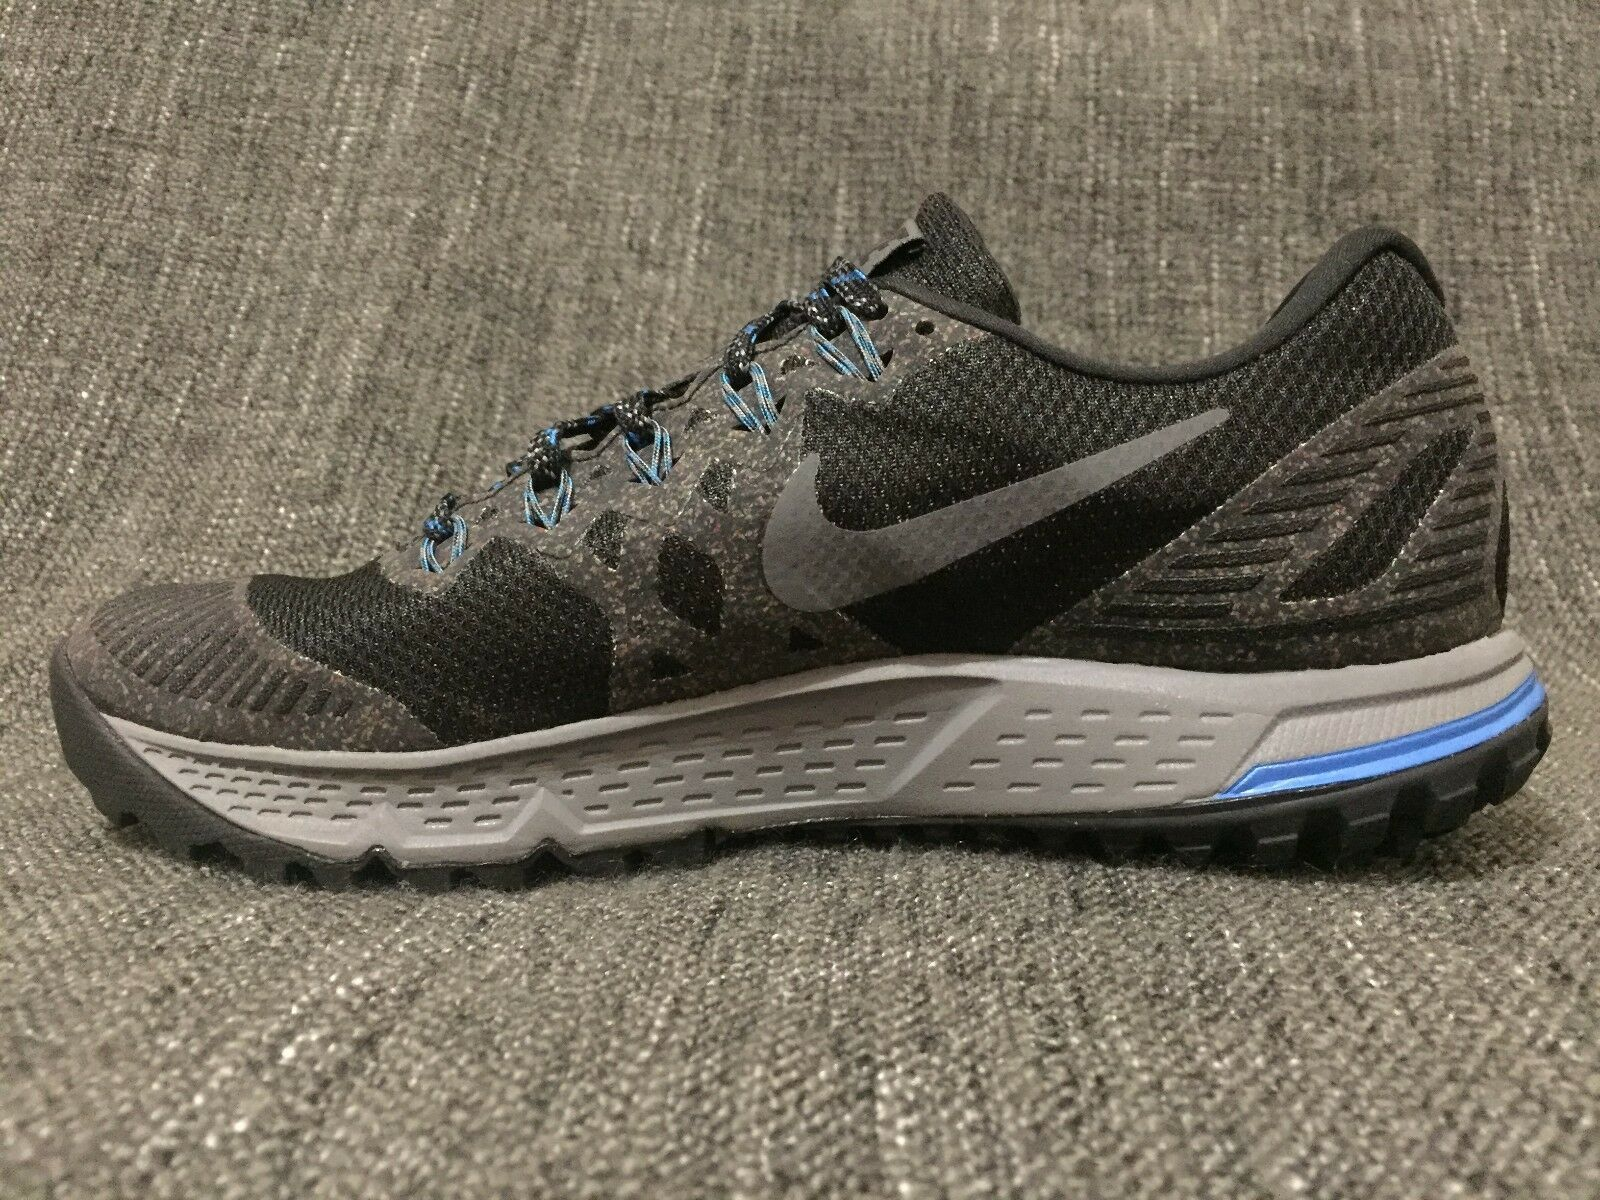 Nike air zoom gore wildhorse iii 3 gtx gore zoom - tex - wasserdicht 805569-001 schwarz - grauen sz - 7 25f9dc